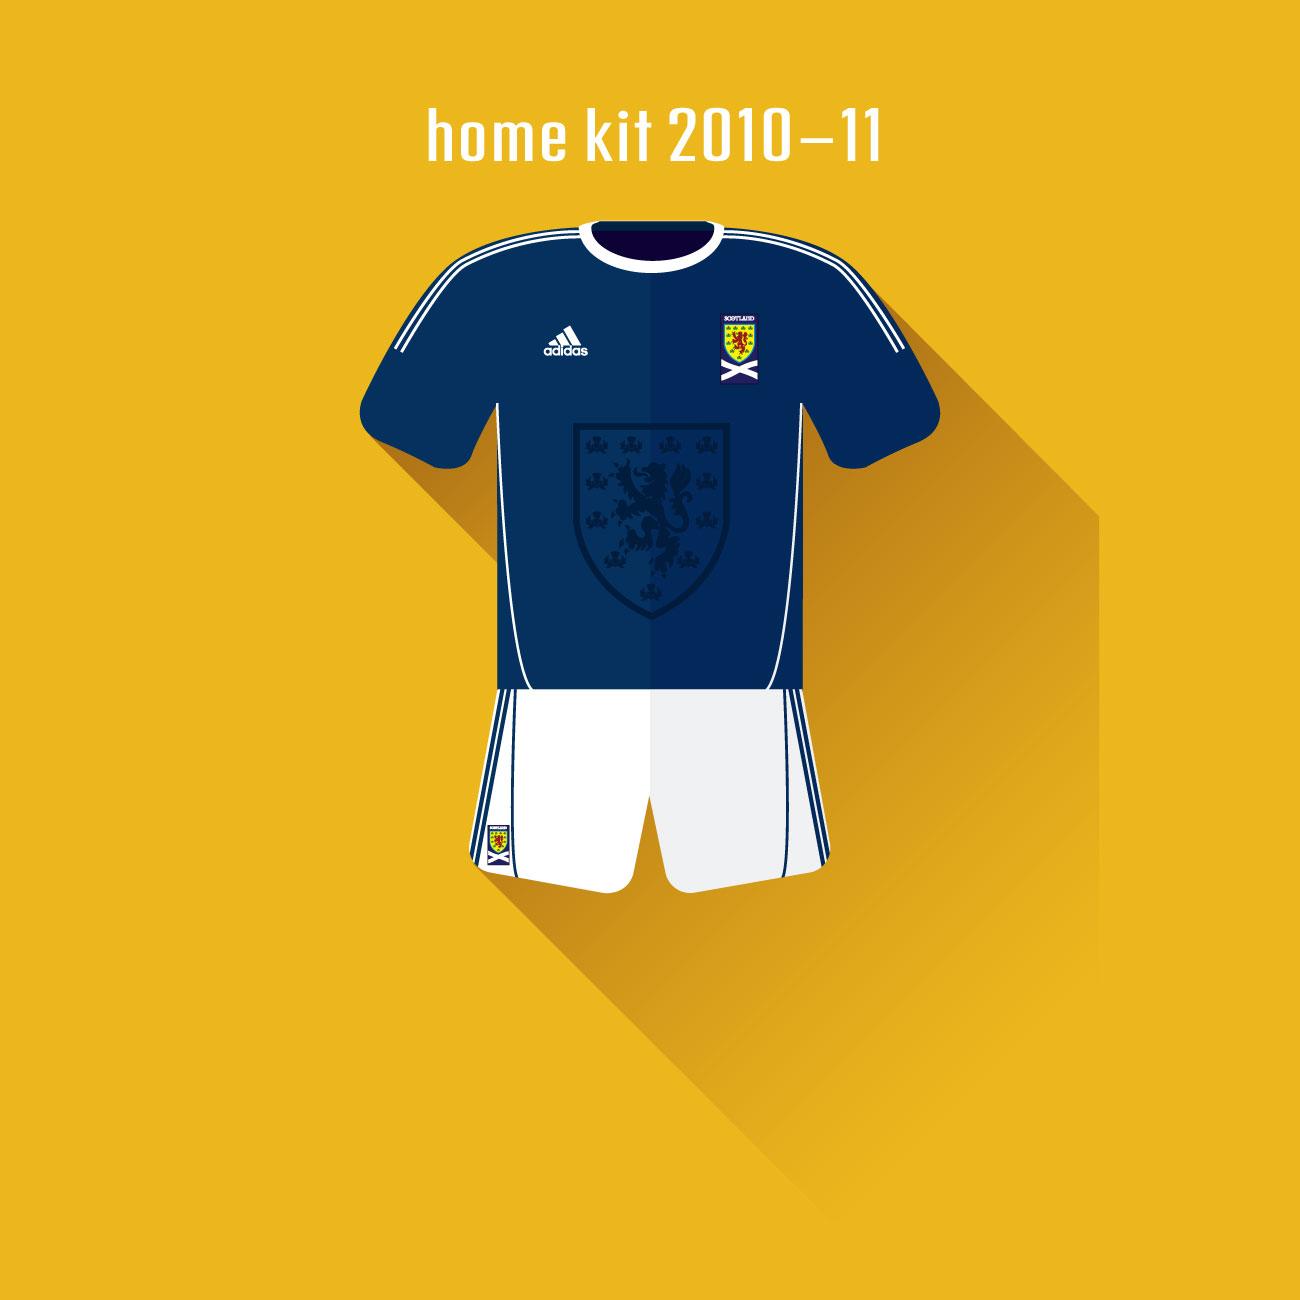 scotland-home-2010-11